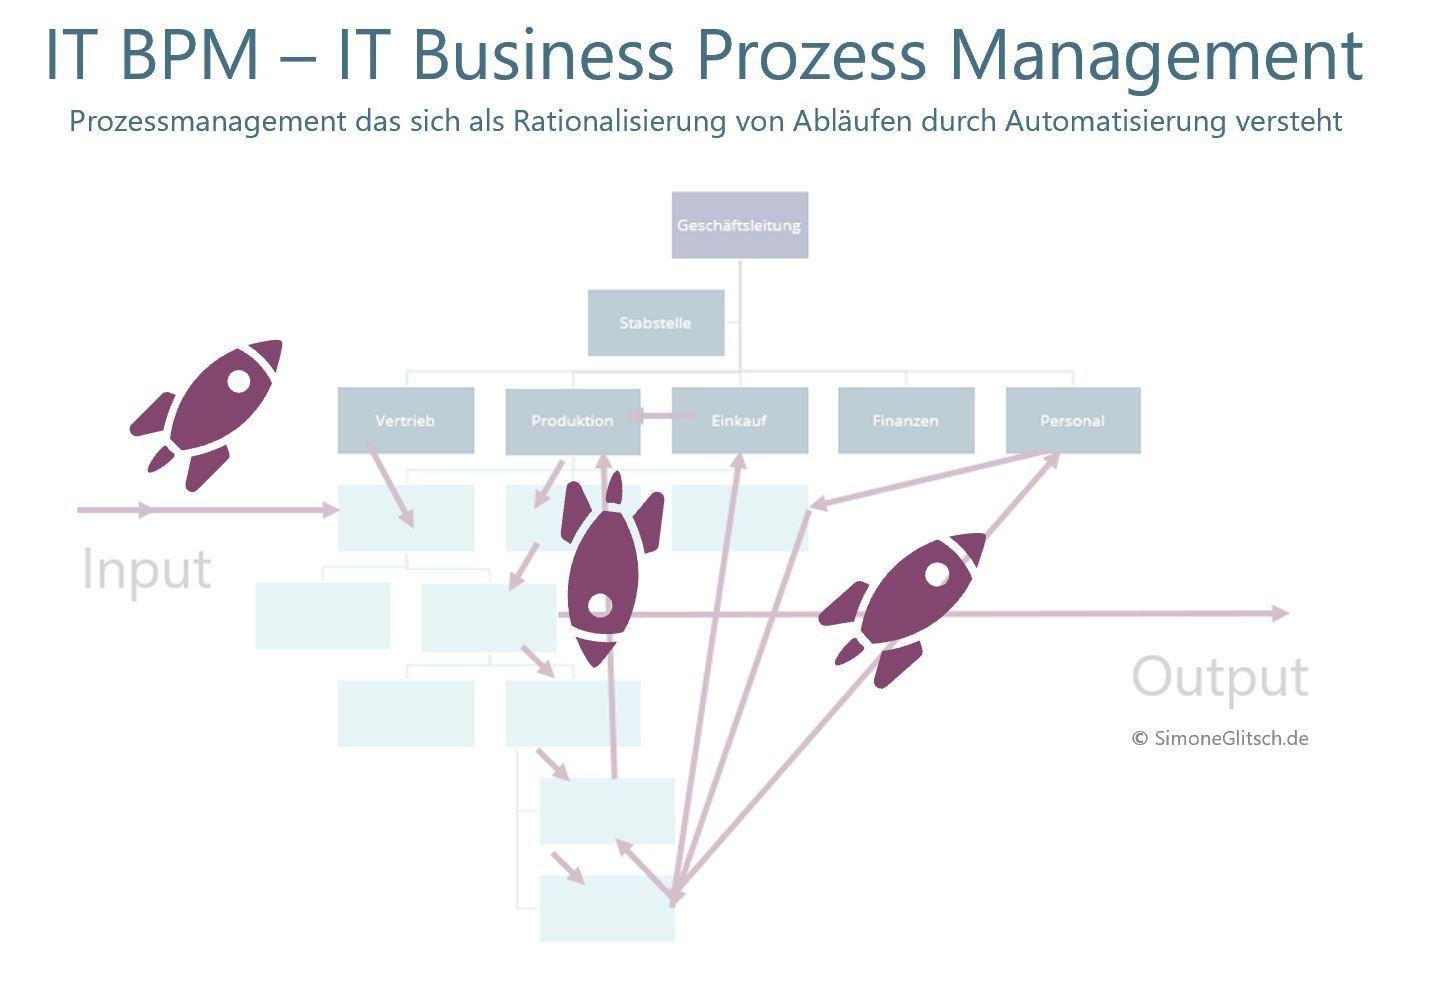 IT BPM ist Rationalisierung durch Automatisierung von Prozessen